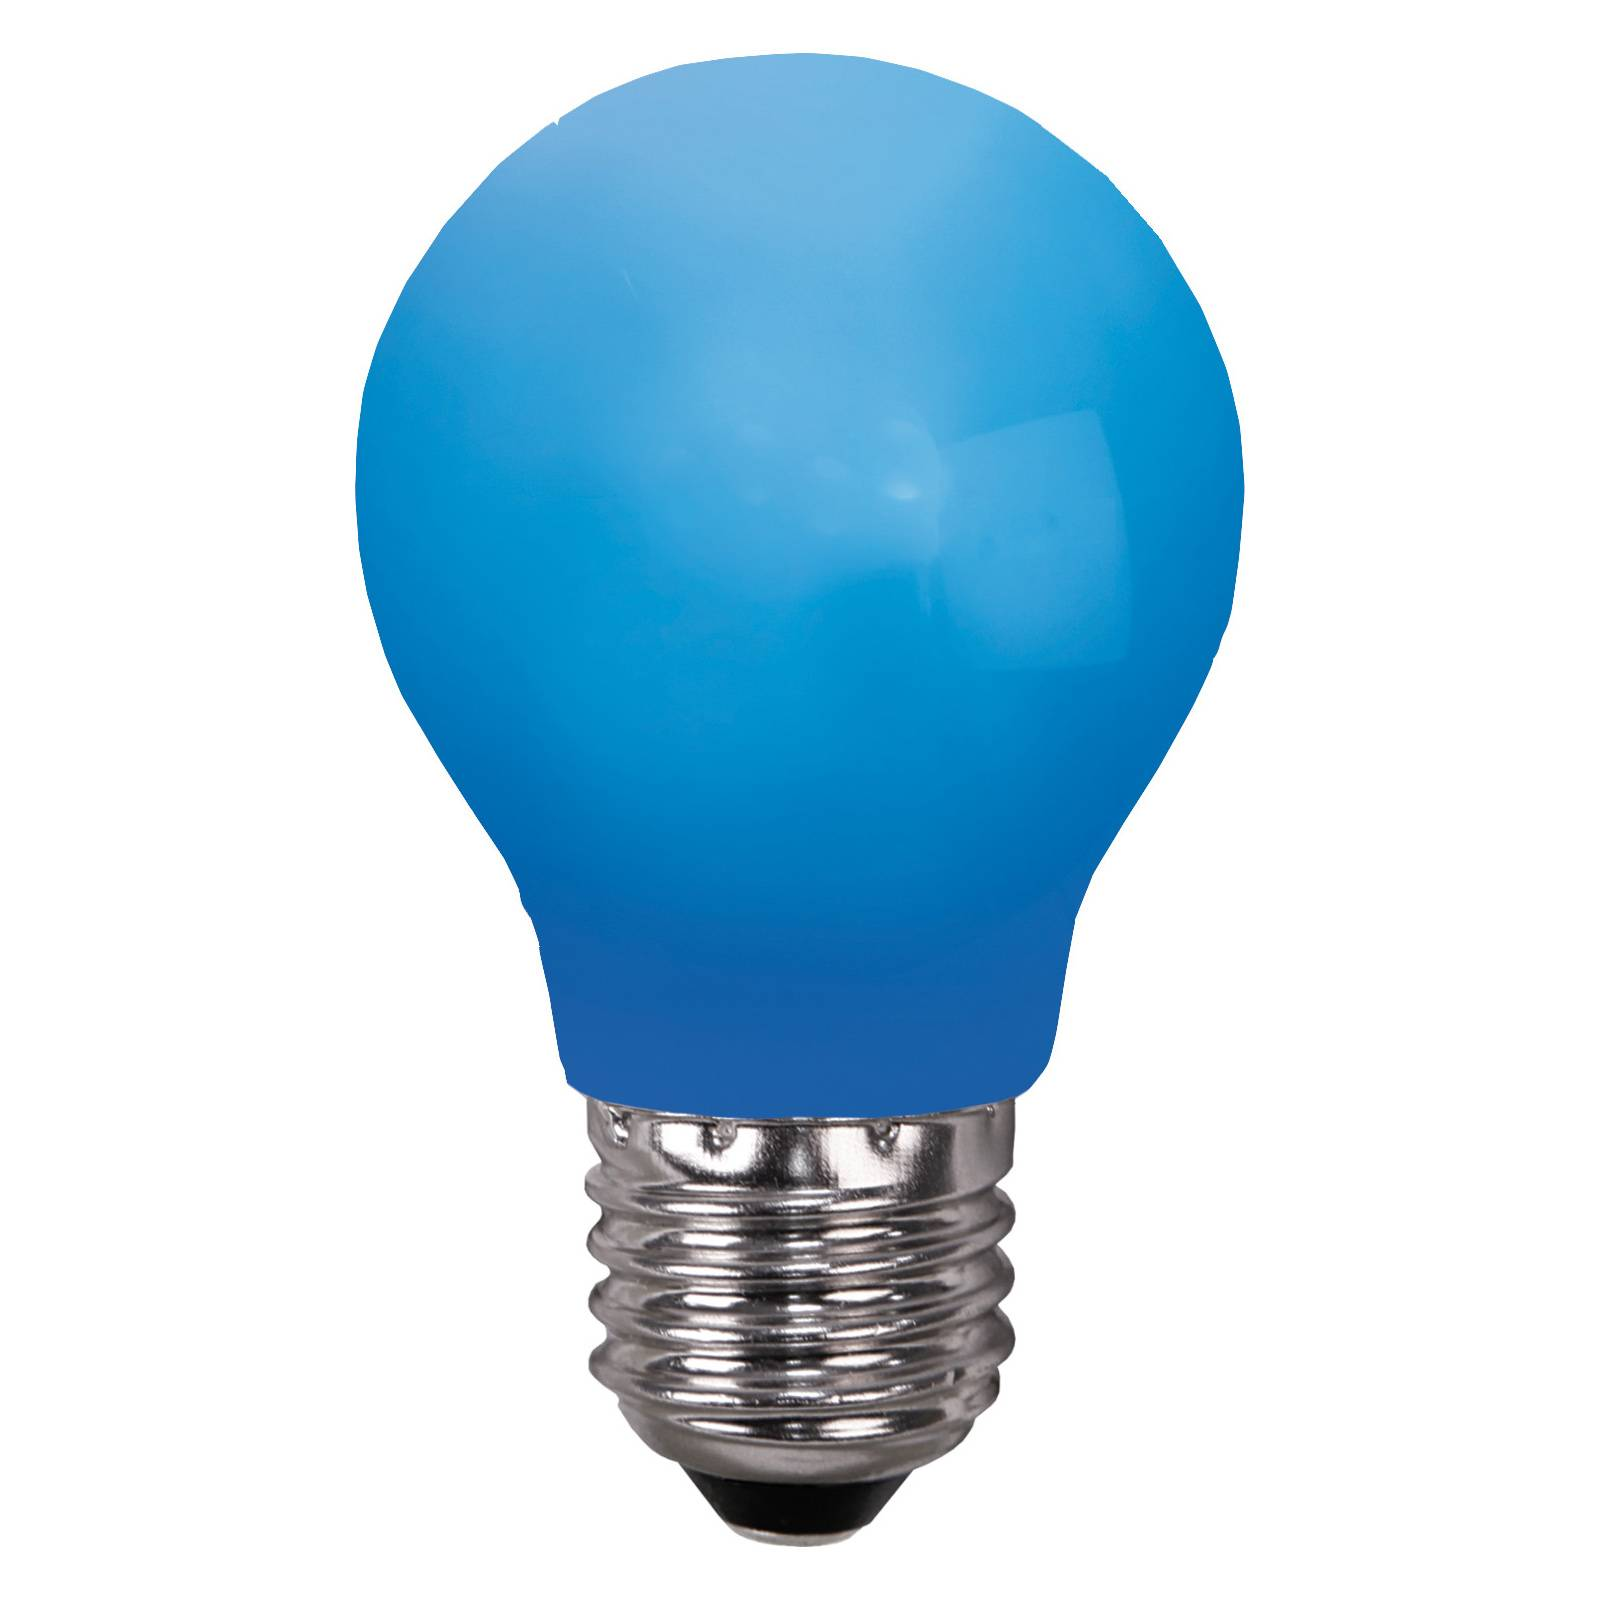 LED-lamppu E27 valoketjuihin, murtumaton, sininen